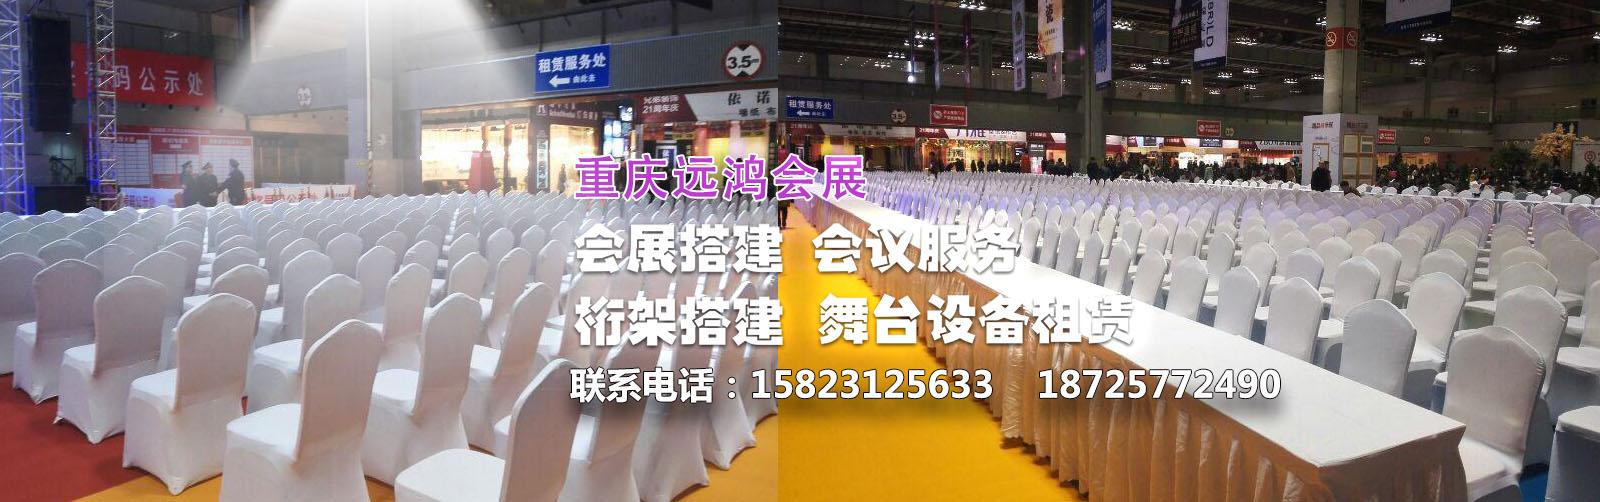 重庆舞台设备